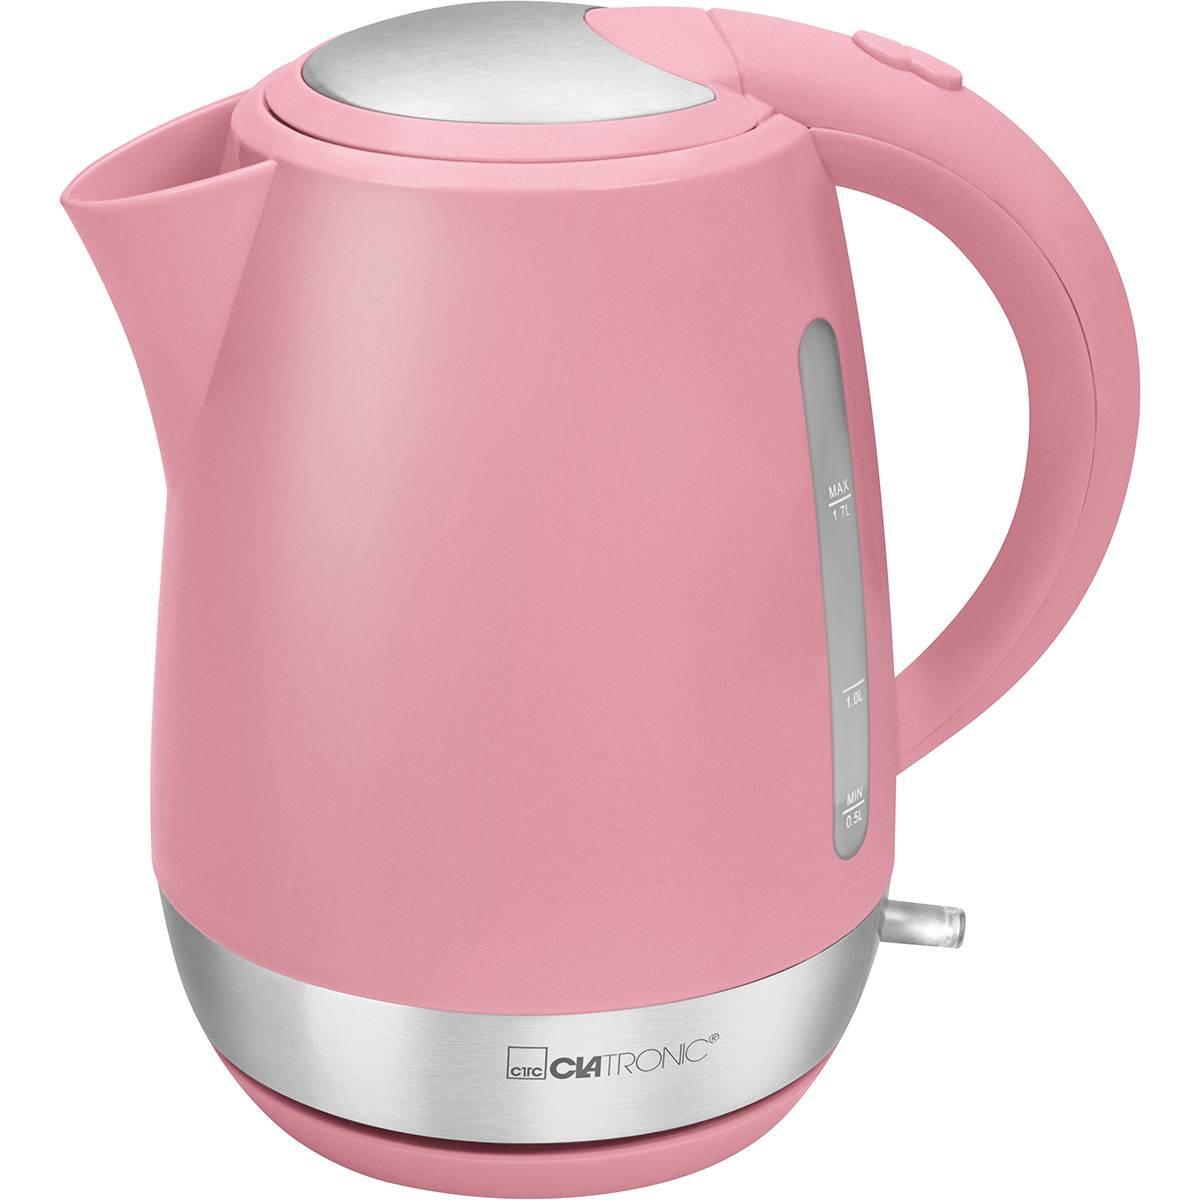 Clatronic WK 3691 - Hervidor de agua eléctrico, capaciadad 1,7 litros serie Rock & Retro estilo vintage rosa